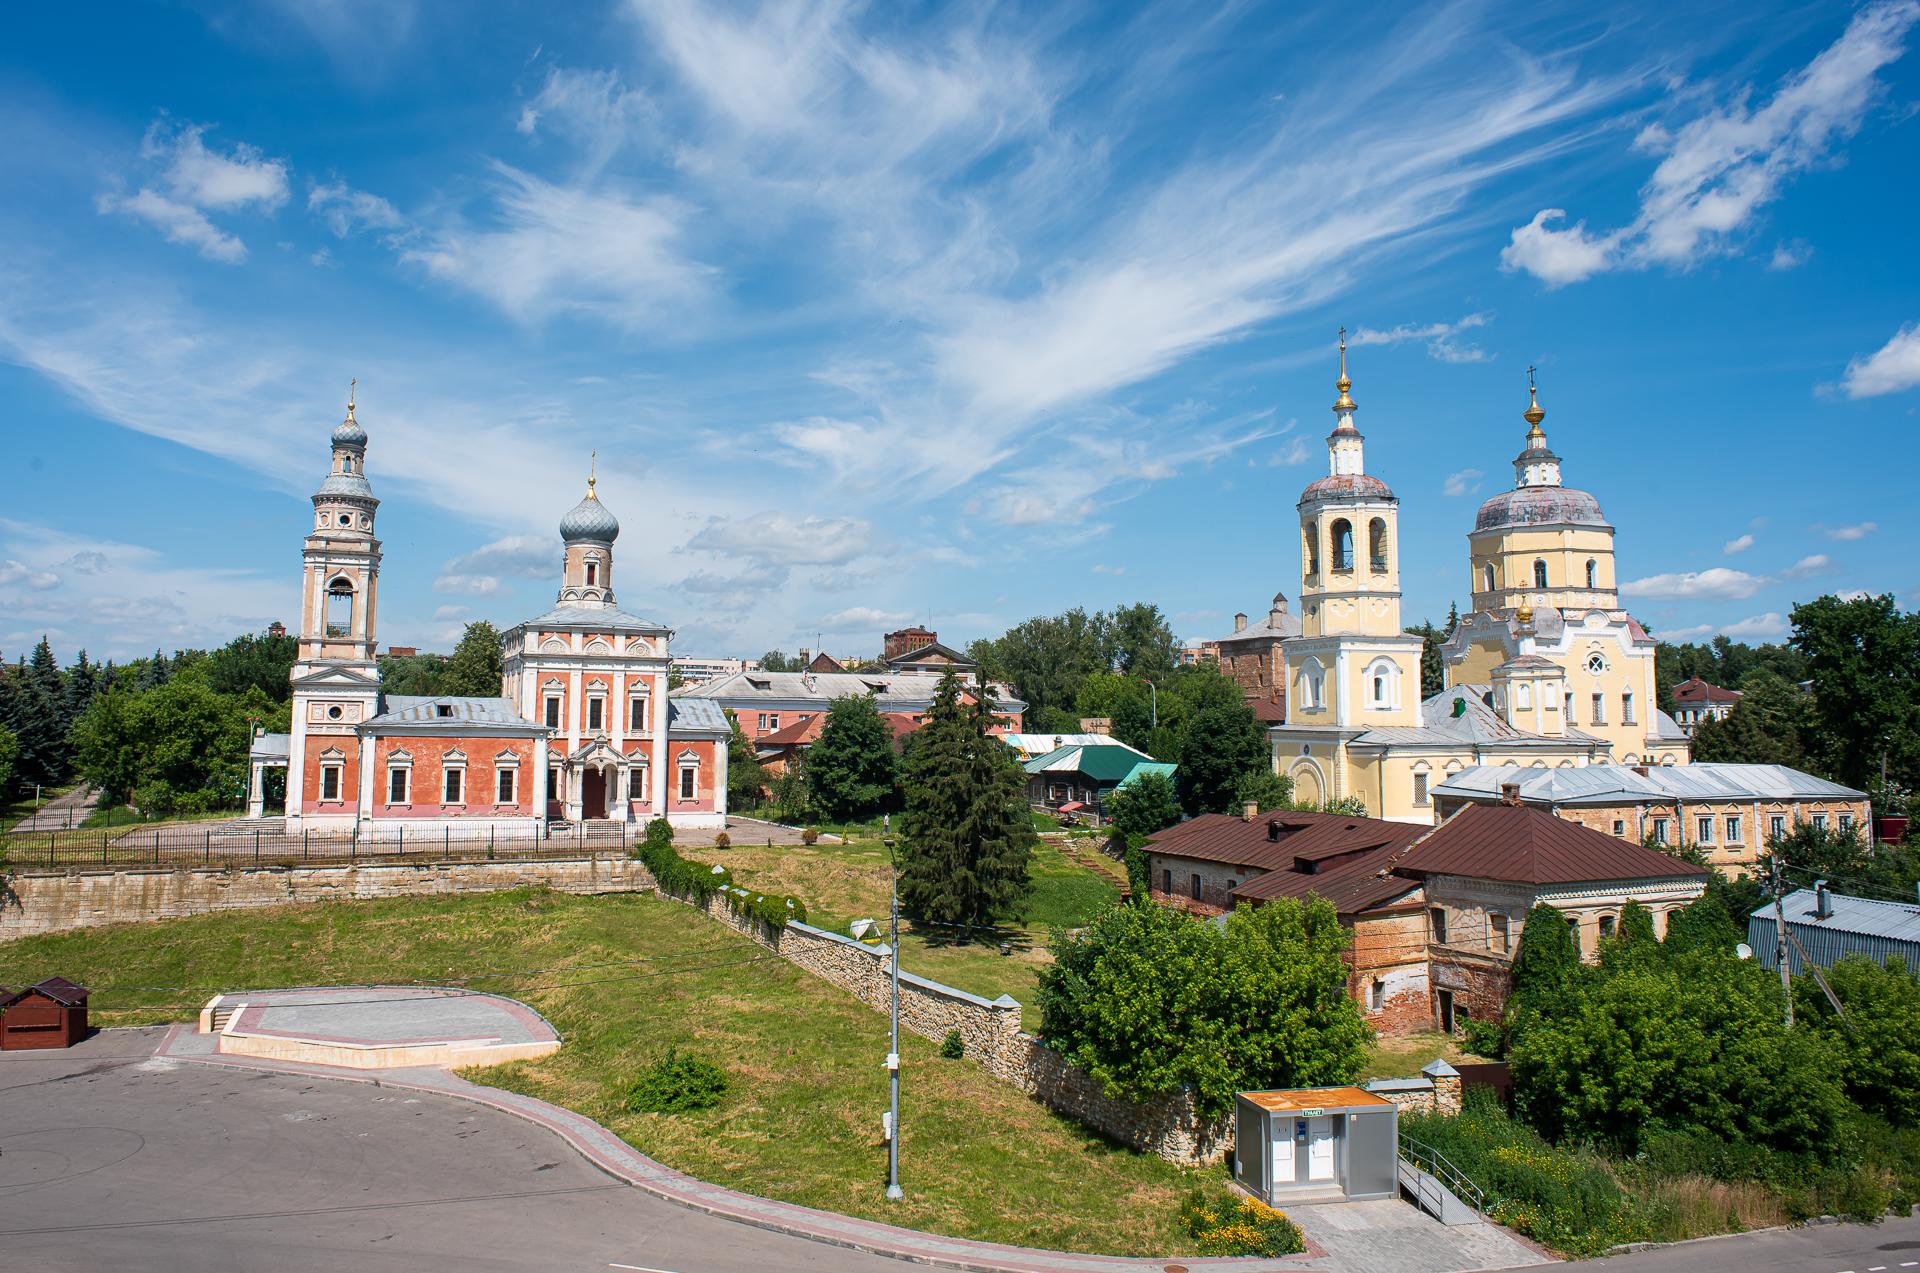 Серпухов, Соборная Гора, вид со смотровой площадки, Успенская Церковь и Церковь Илии Пророка